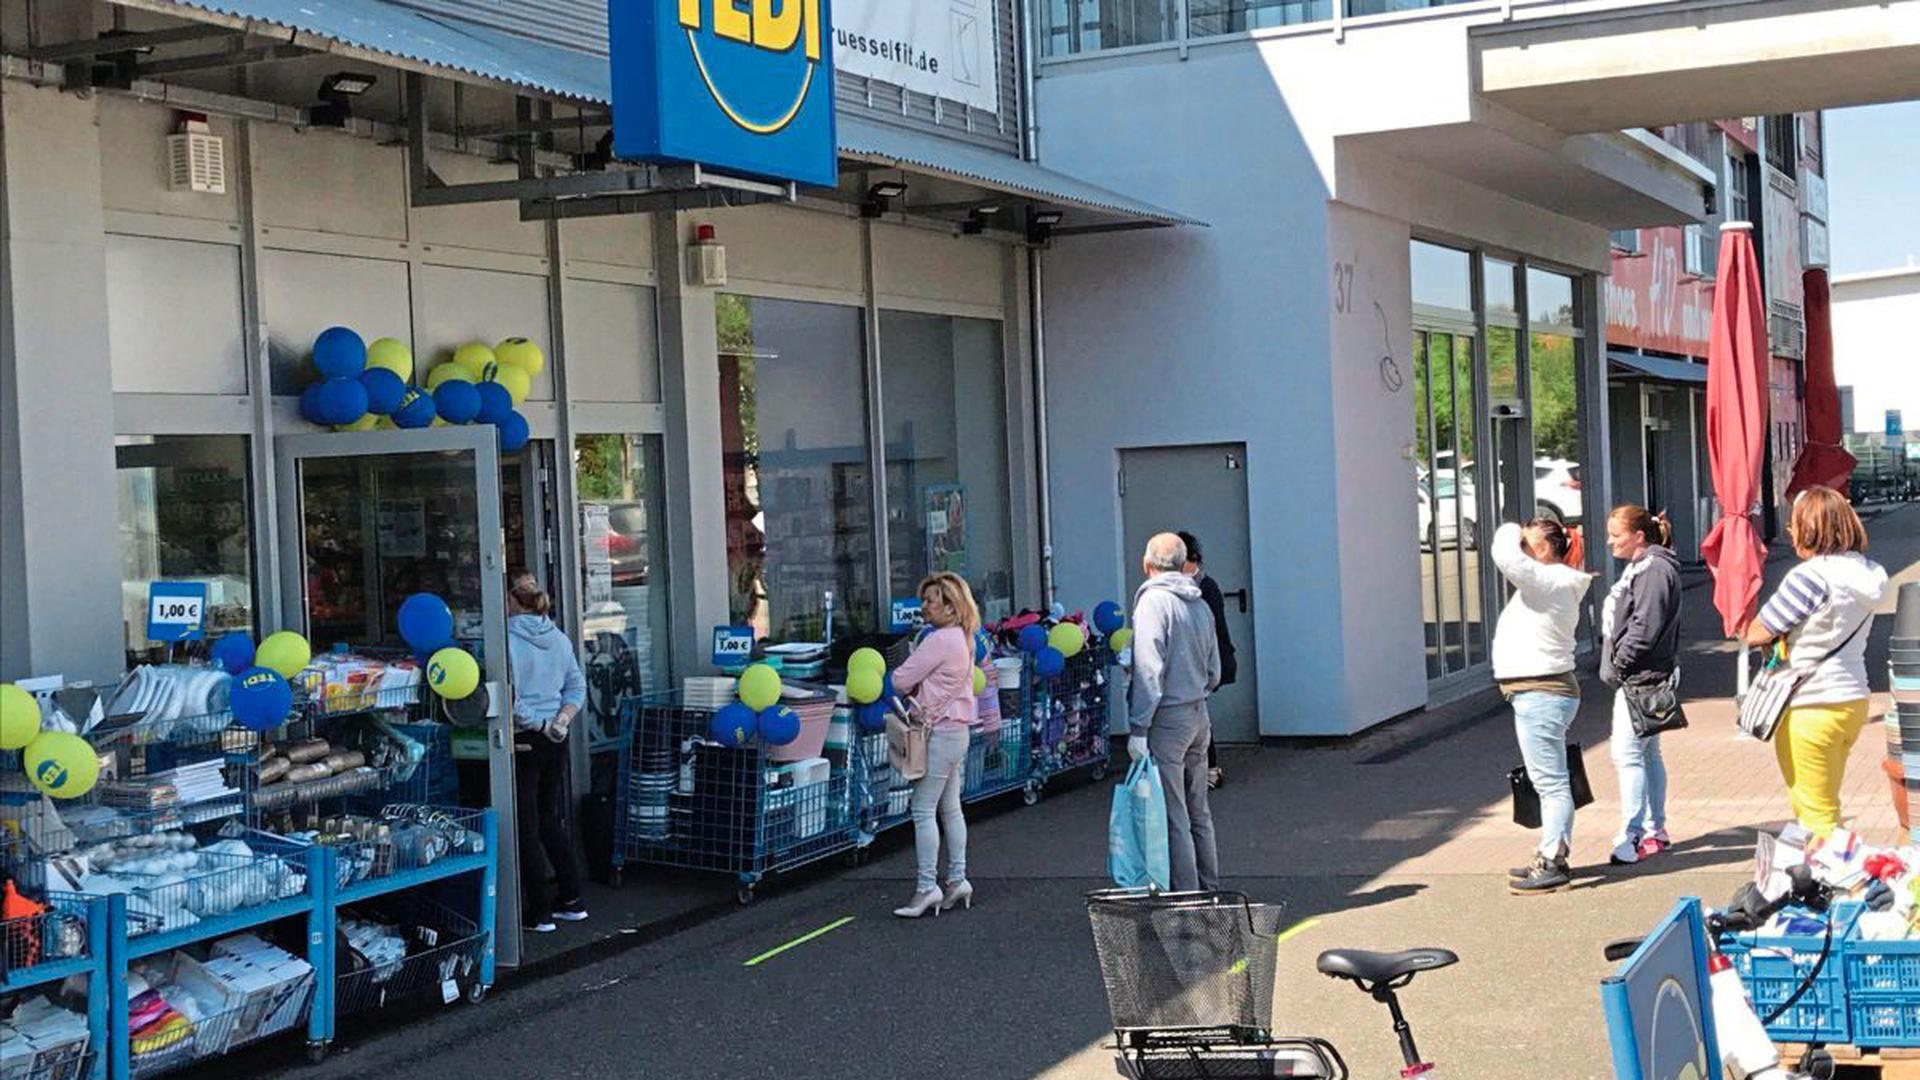 Starker Andrang beim Discounter Tedi: 15 Leute dürfen in den Laden, eben so viele stehen draußen.